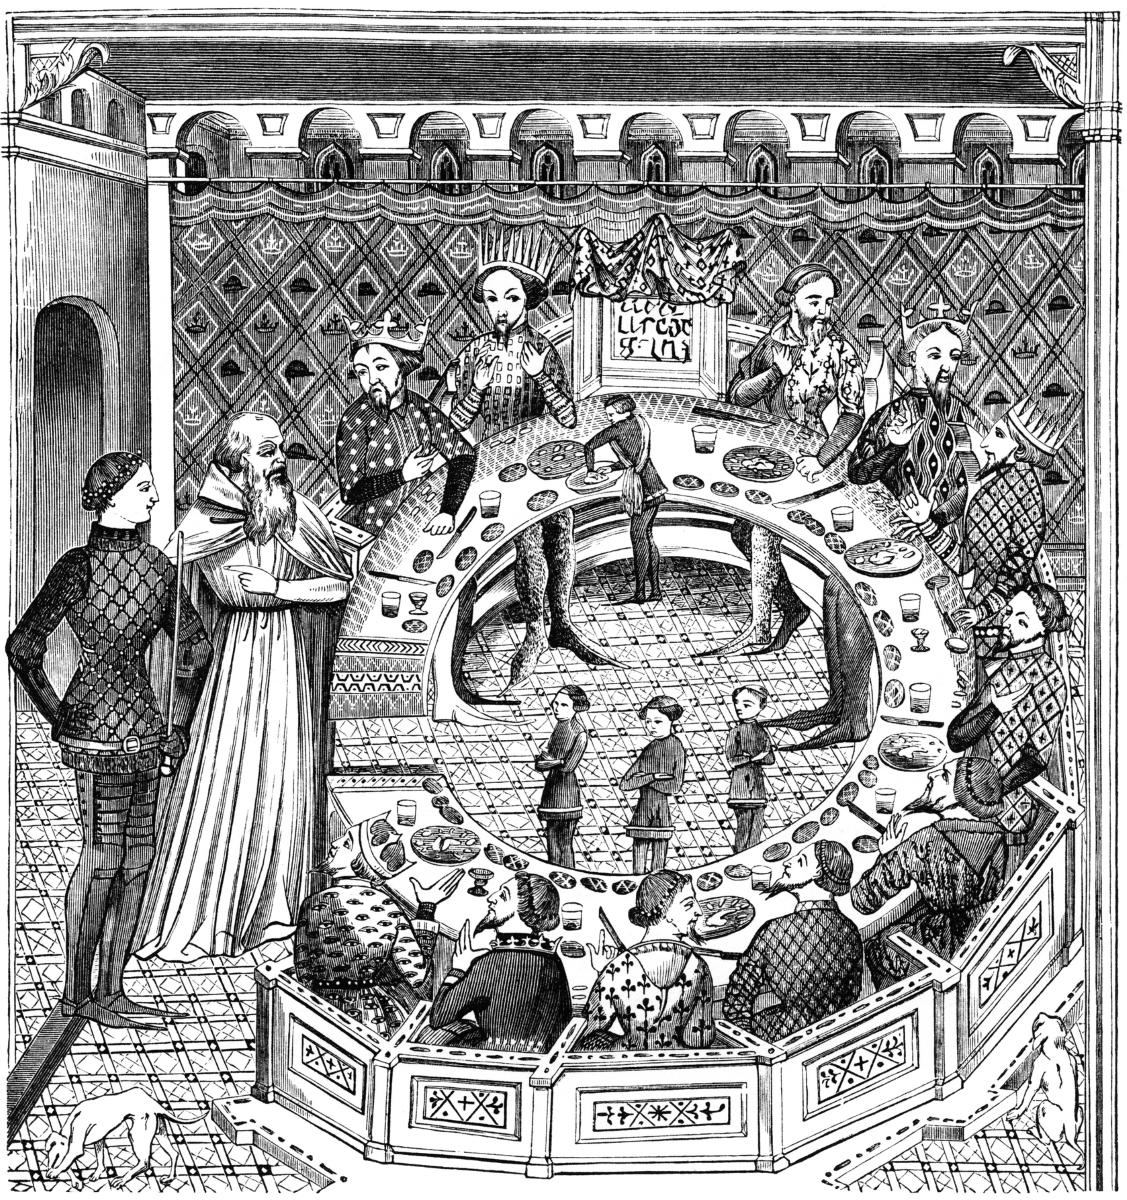 """Десертите не били особено популярни през Средновековието. Имаме предвид, за простолюдието. А за благородниците, те се сервирали между всяко ядене, като един вид """"почивка"""". Това, което те са хапвали е било подобно на днешния марципан."""